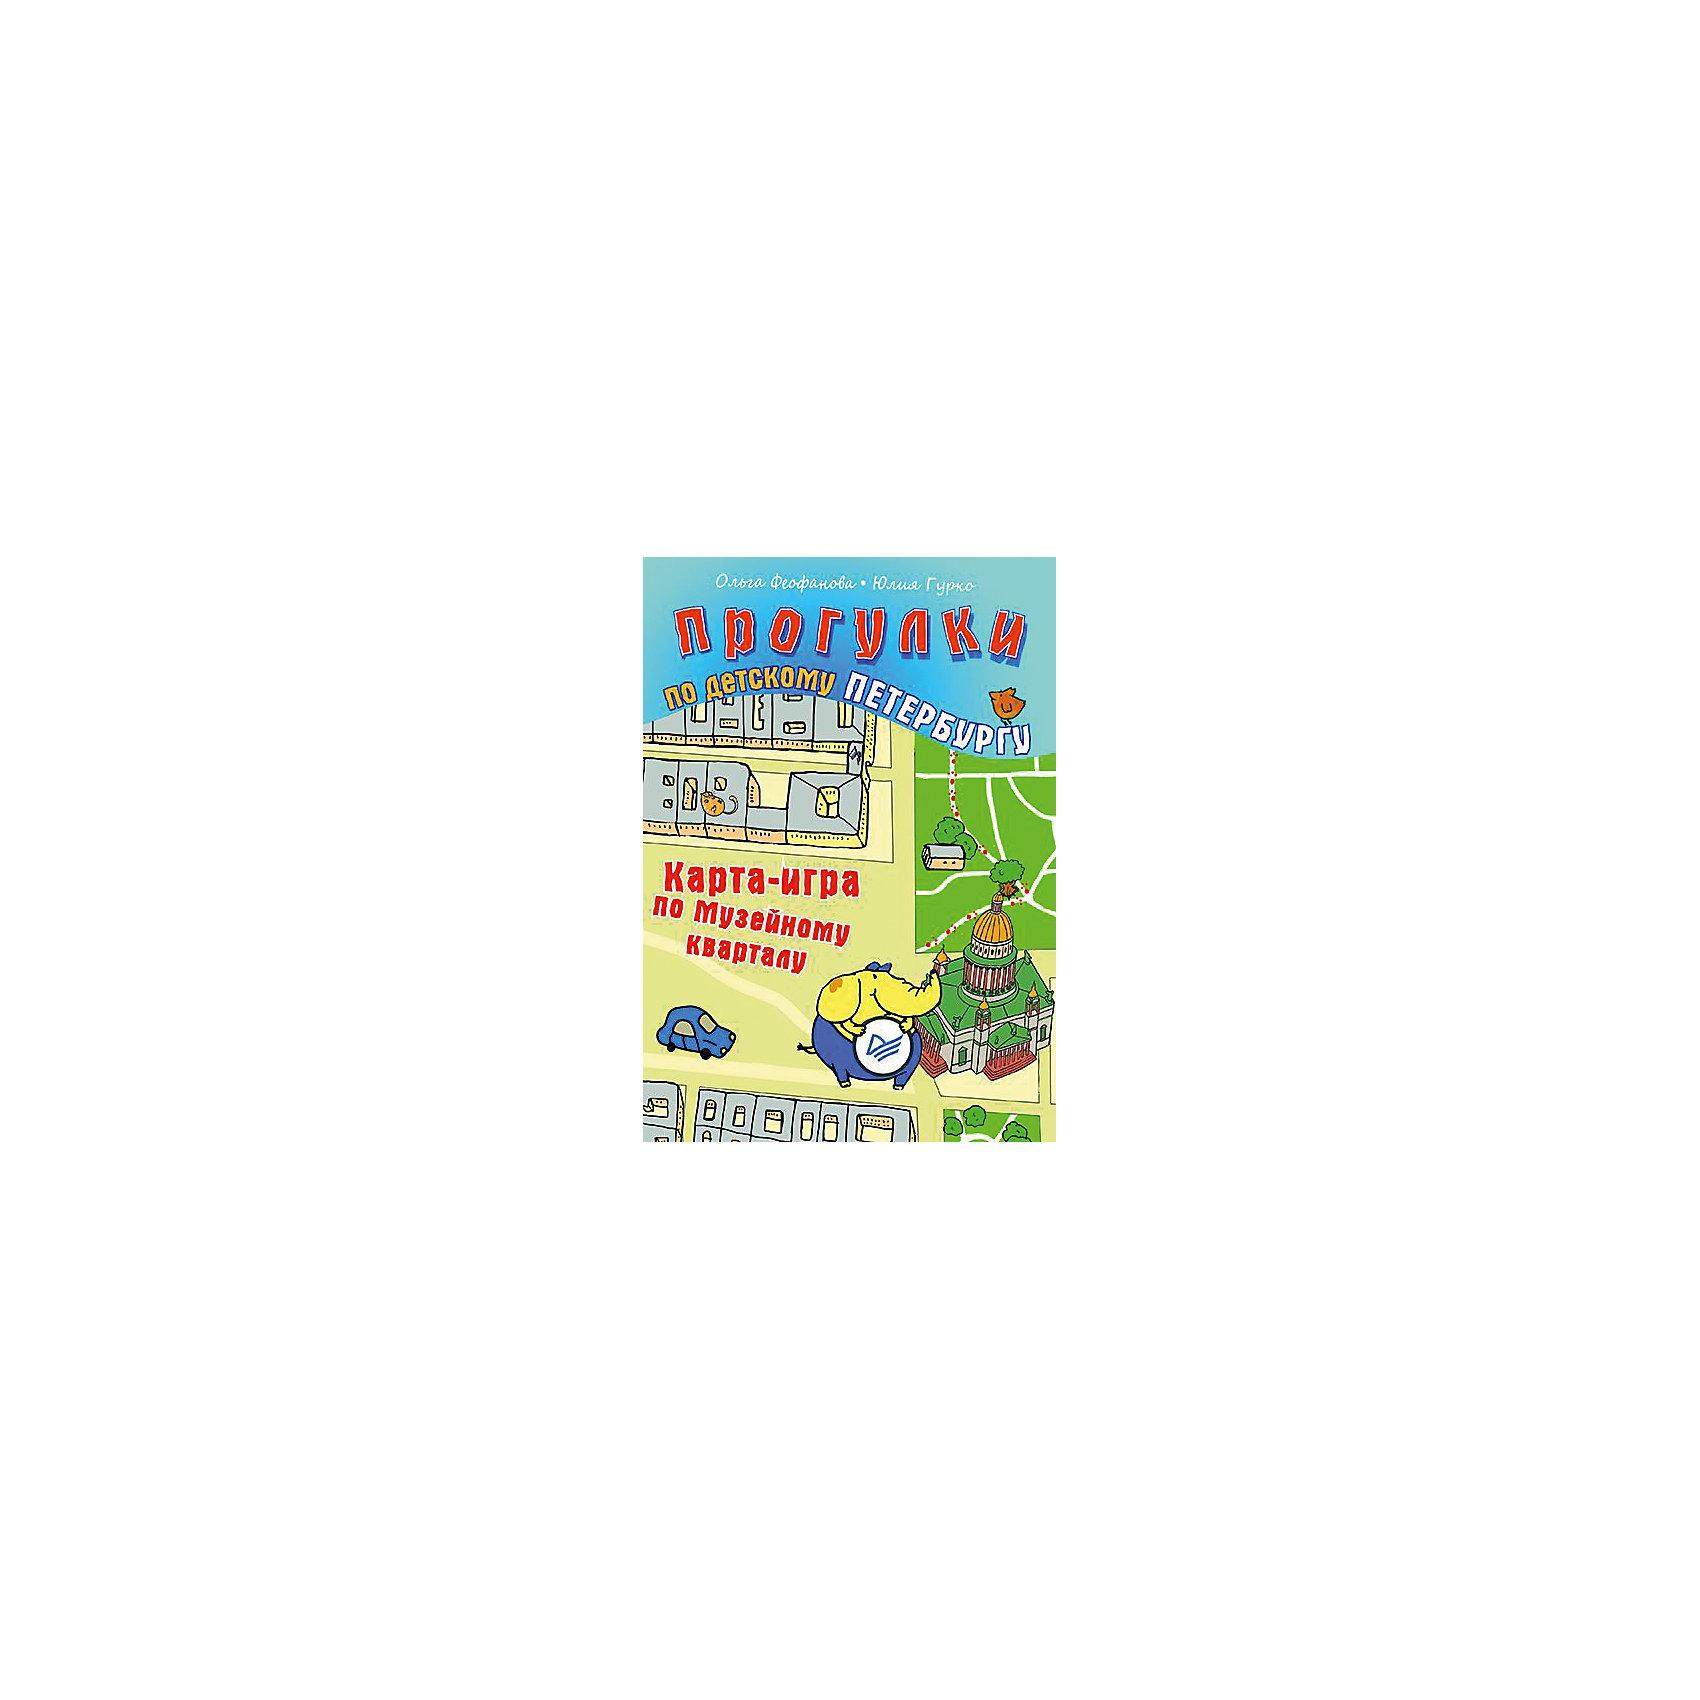 ПИТЕР Карта-игра по Музейному кварталу, Прогулки по детскому Петербургу гурко ю феофанова о находилки прогулки гуляем с детьми по петербургу